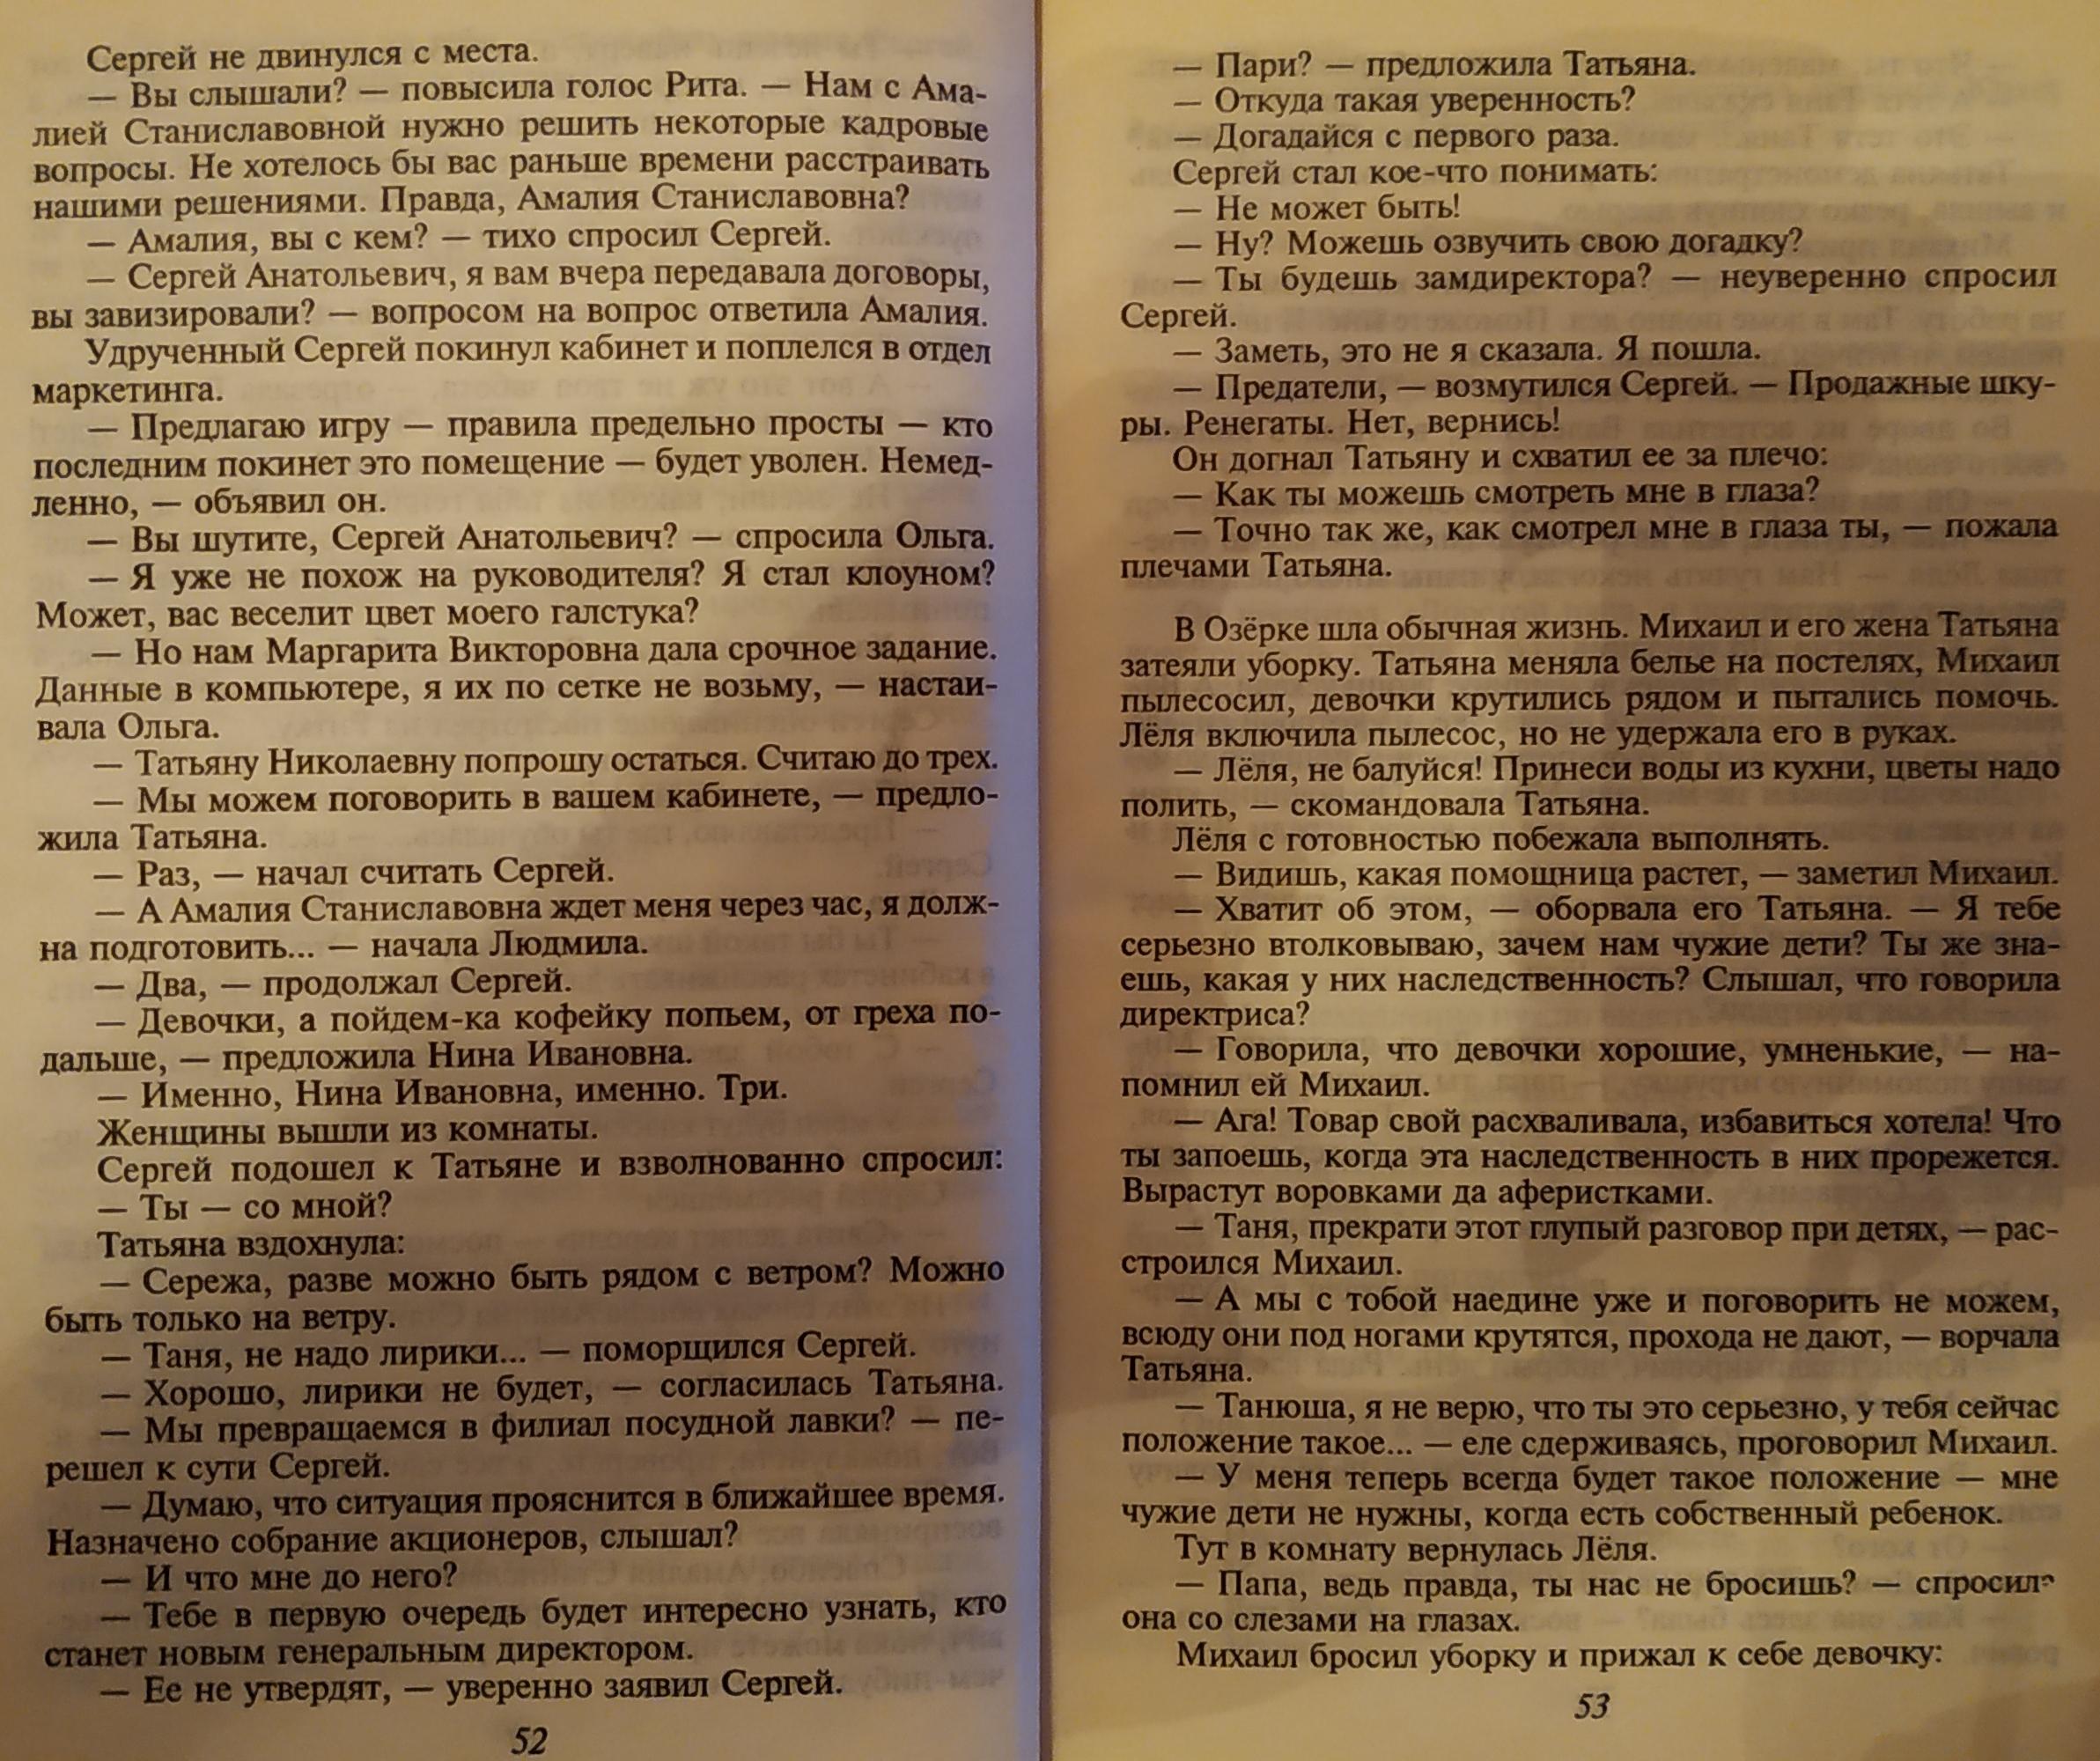 http://s3.uploads.ru/TeUrf.jpg